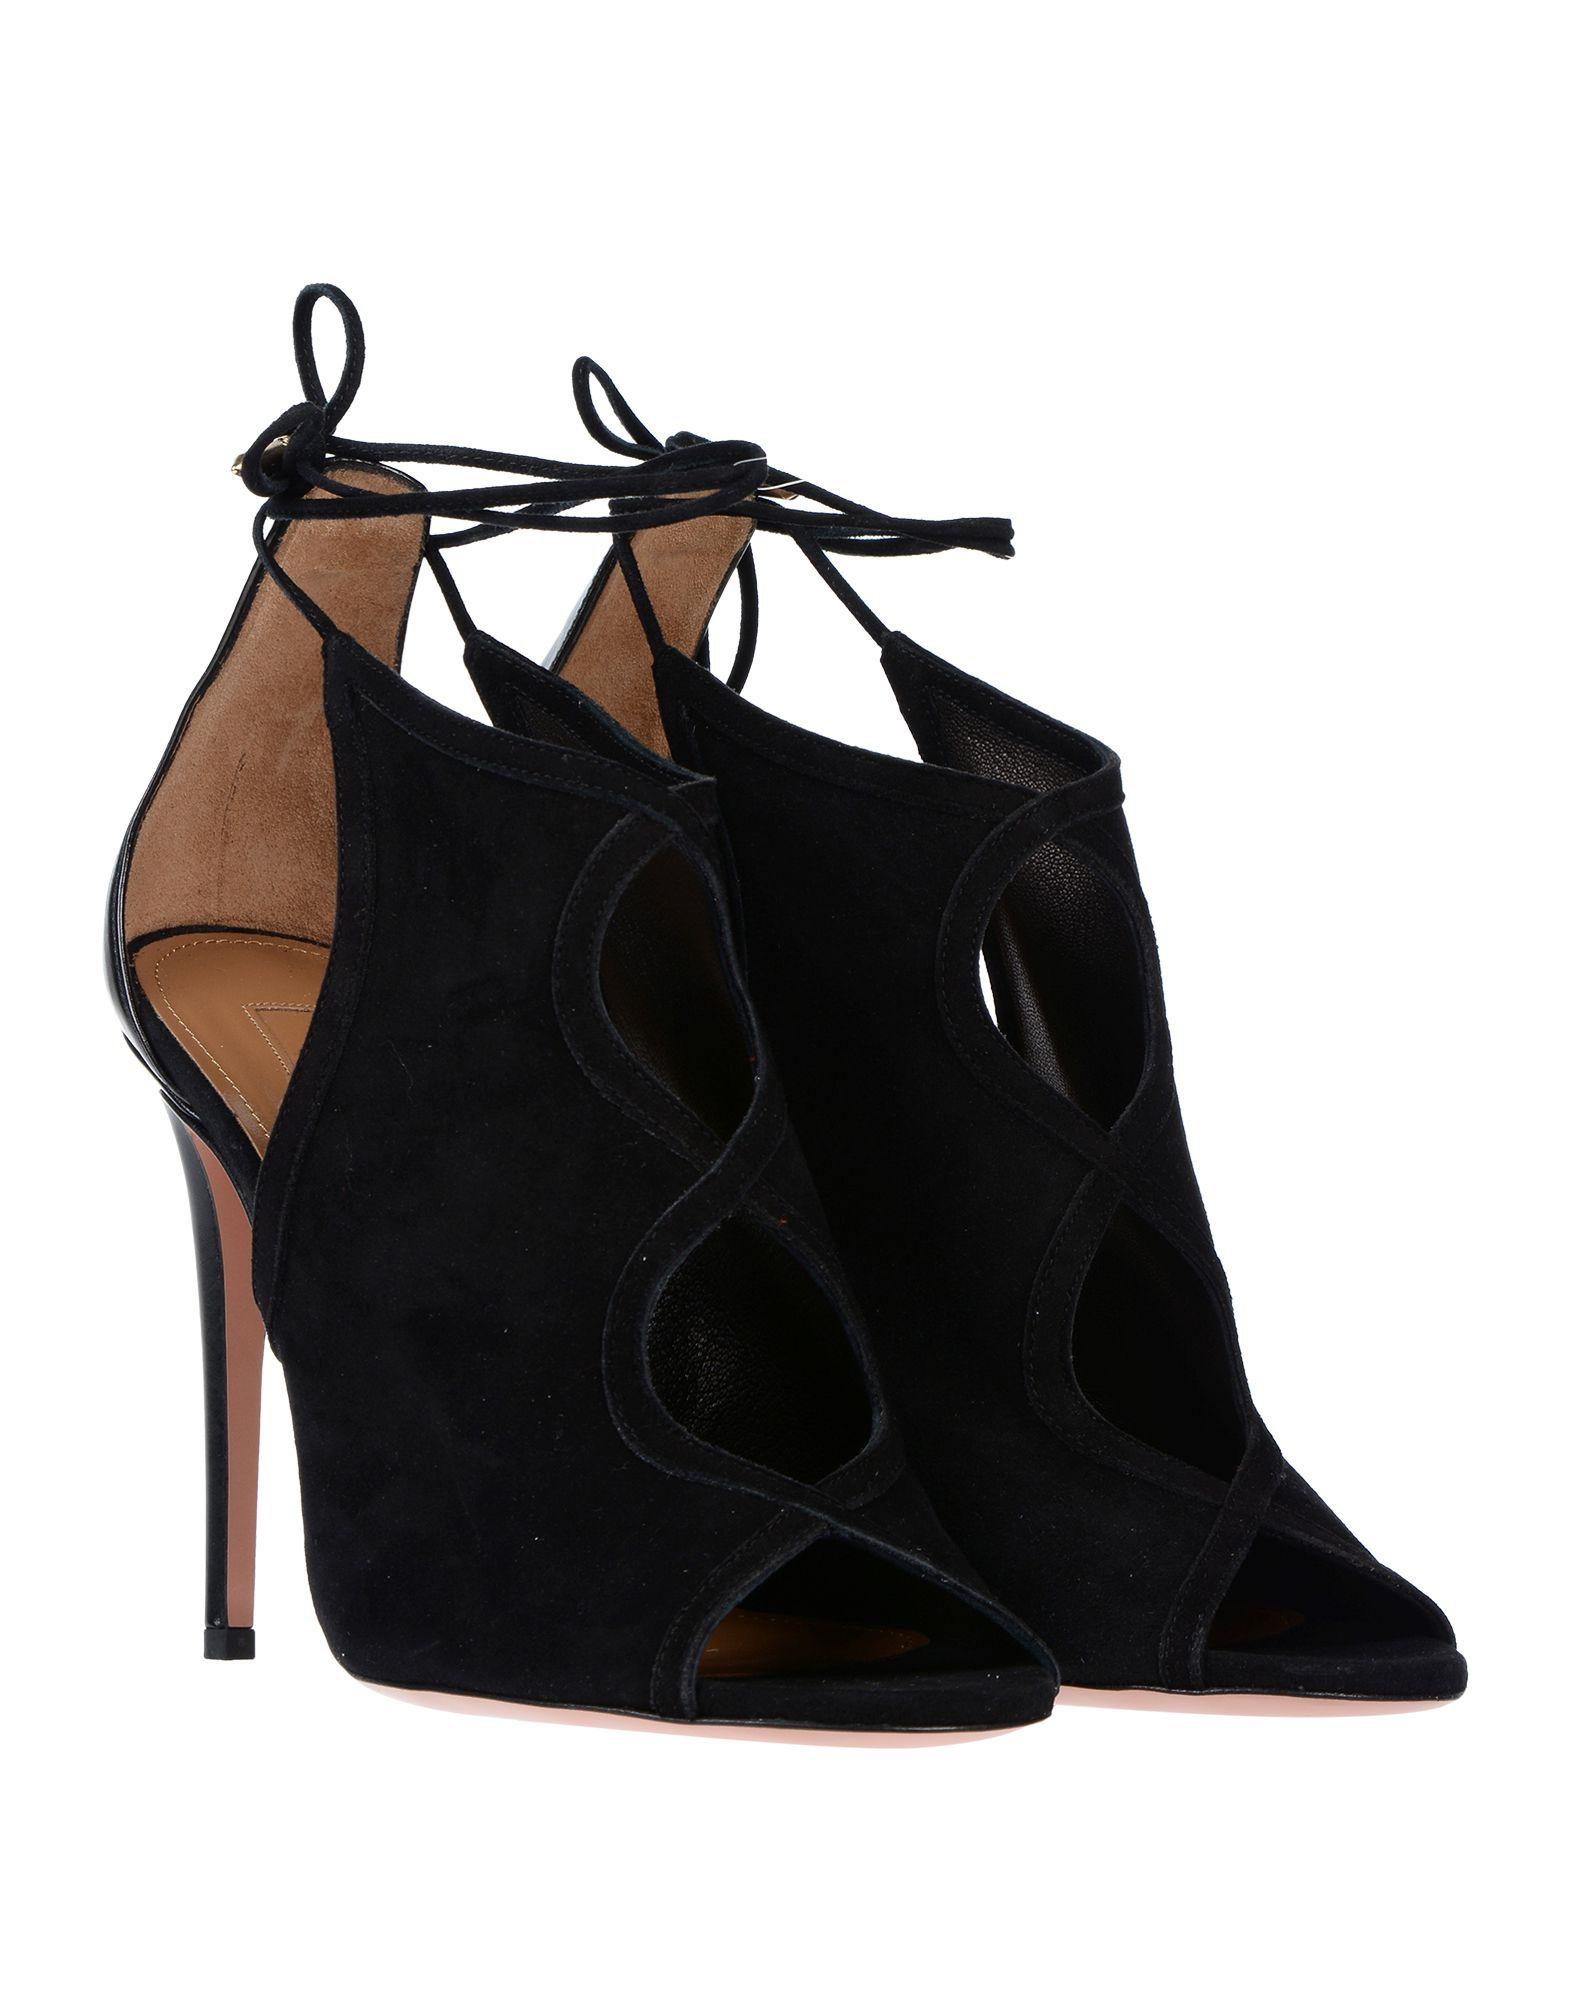 Aquazzura Black Suede Peeptoe Heels